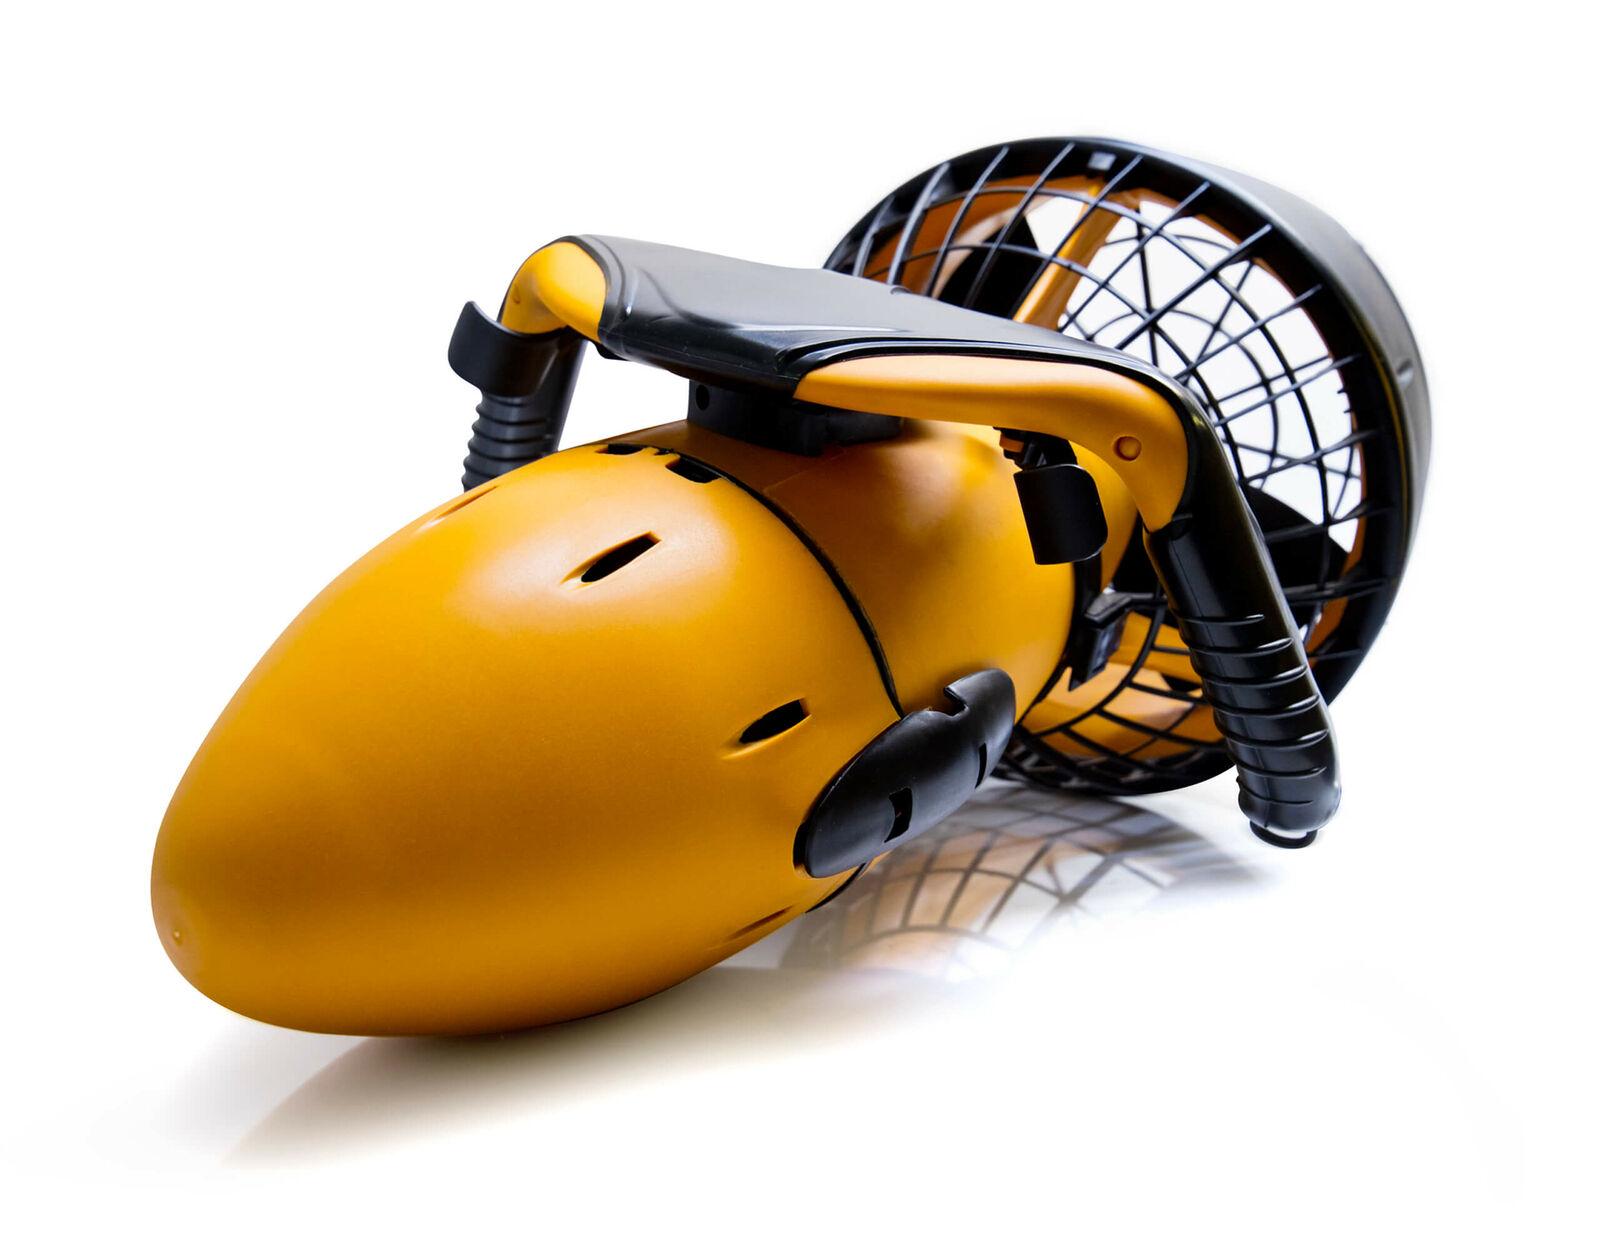 Sea Scooter Stark Tech Unterwasser Tauchscooter Wasser Propeller bis 6km h     Deutschland Outlet